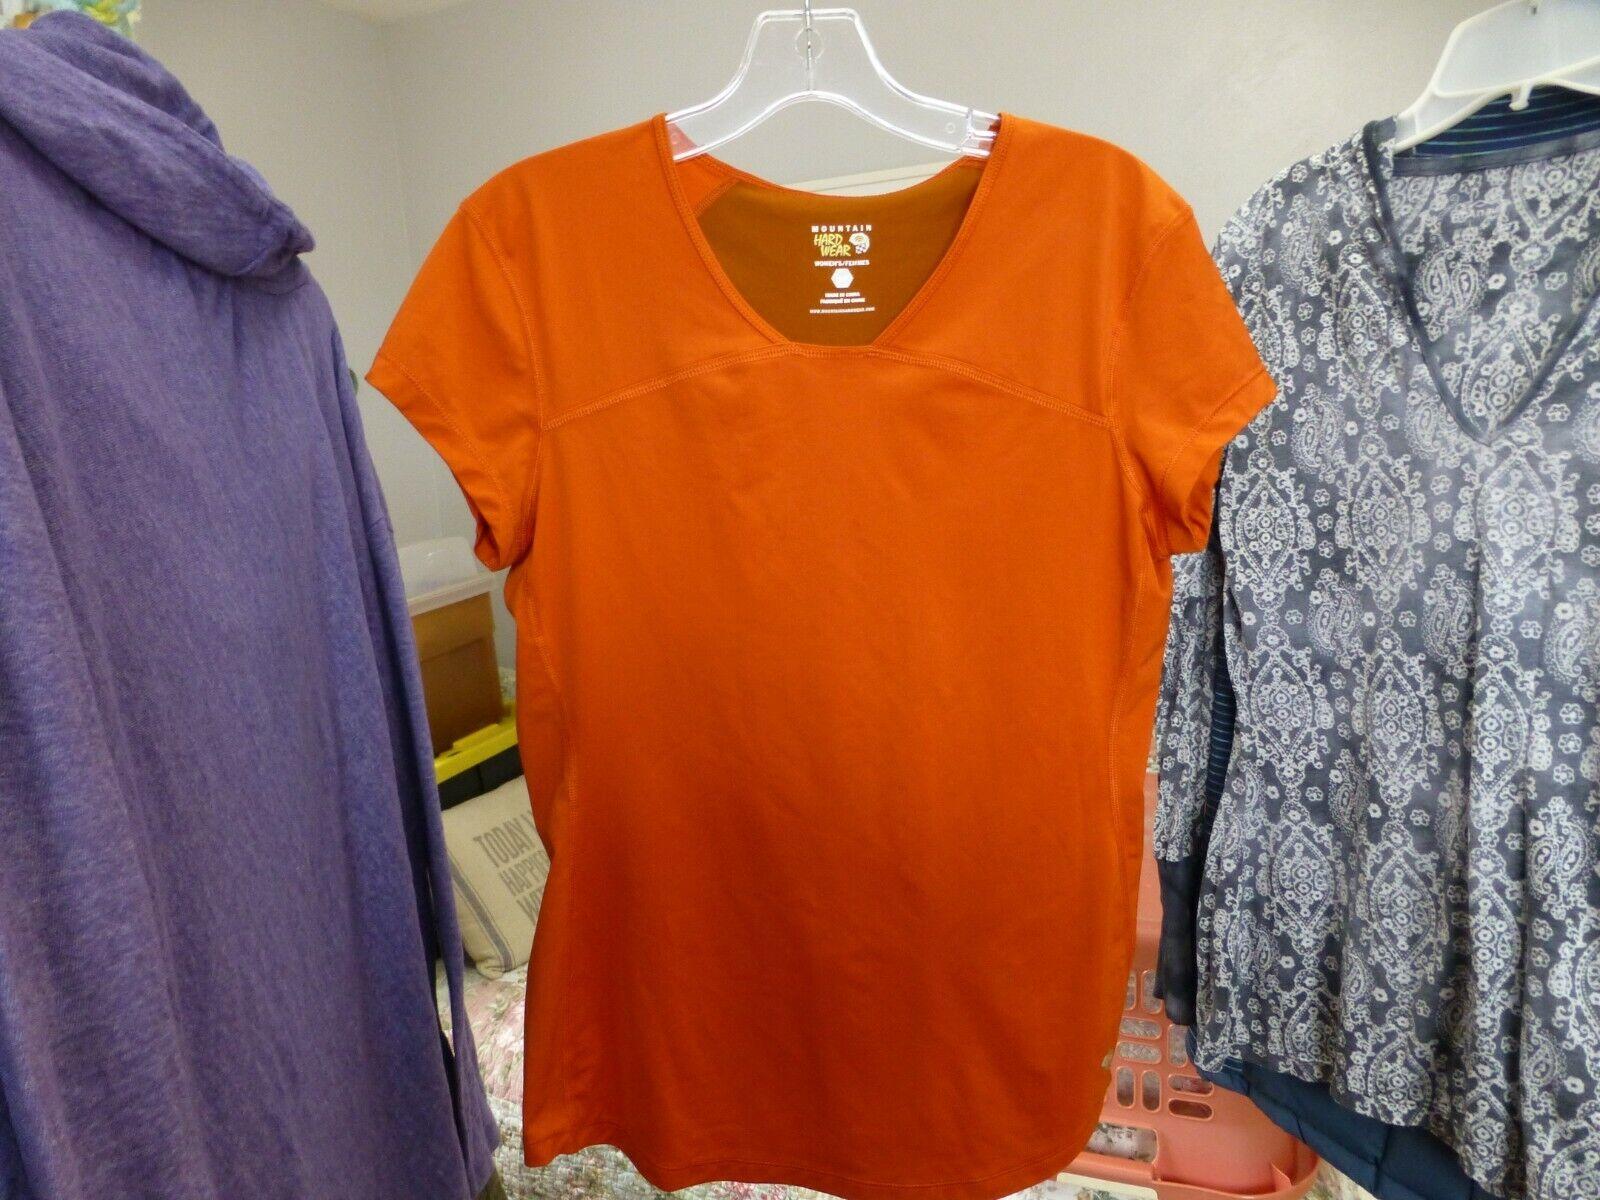 Mountain Hardwear Women's Short Sleeve Shirt Medium Orange Rust Color Block NICE